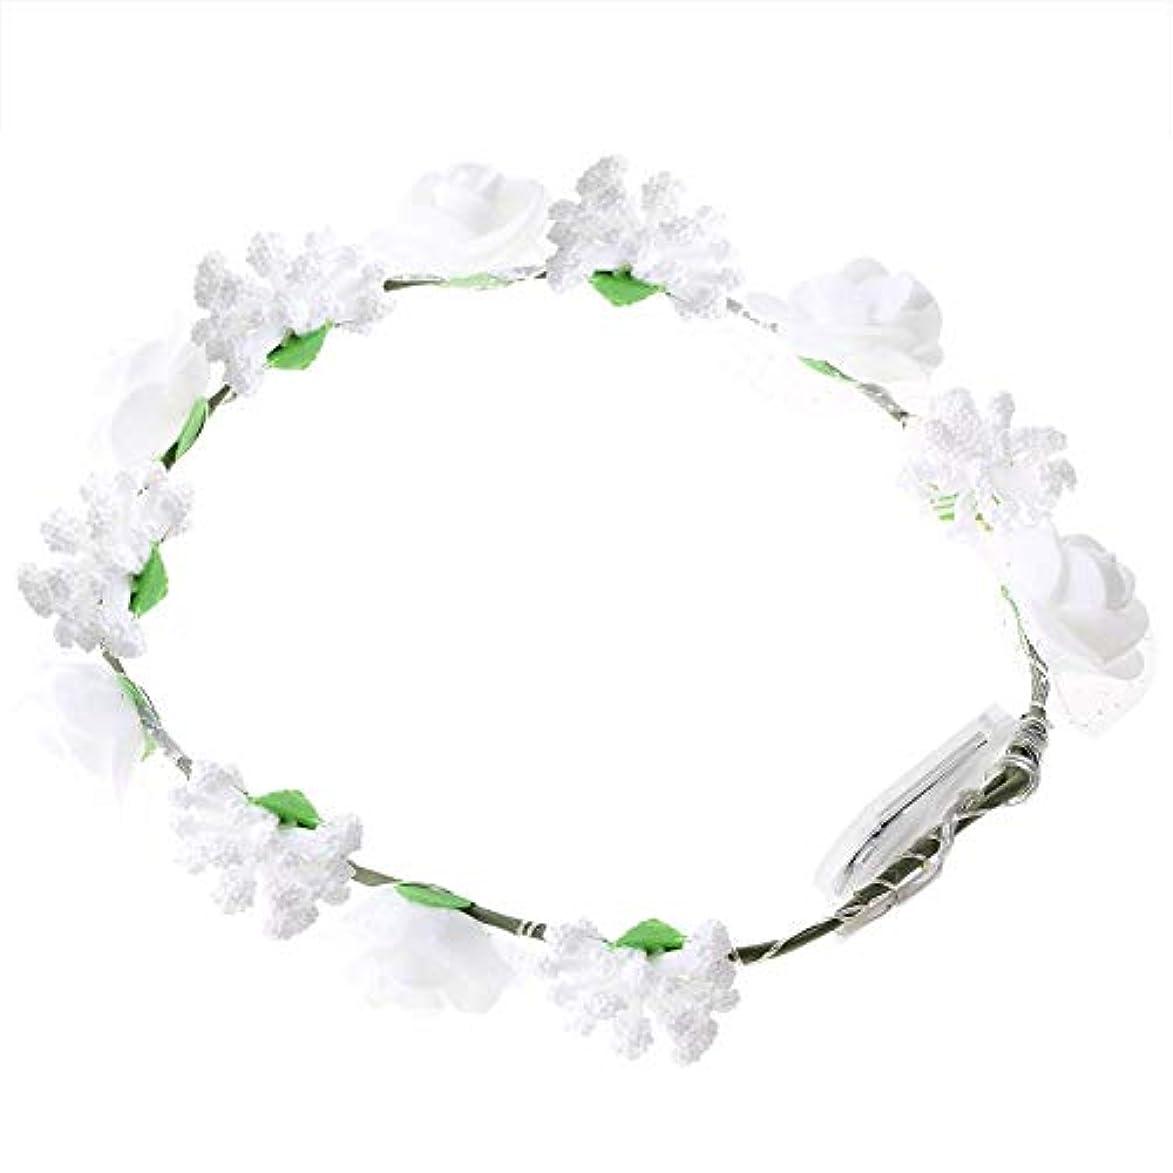 しばしば花スラダムSemme LEDの花の王冠、照明髪の花輪耐久性のあるLEDローズ花ライト妖精照明髪の花輪ライトアップ花の冠(White)